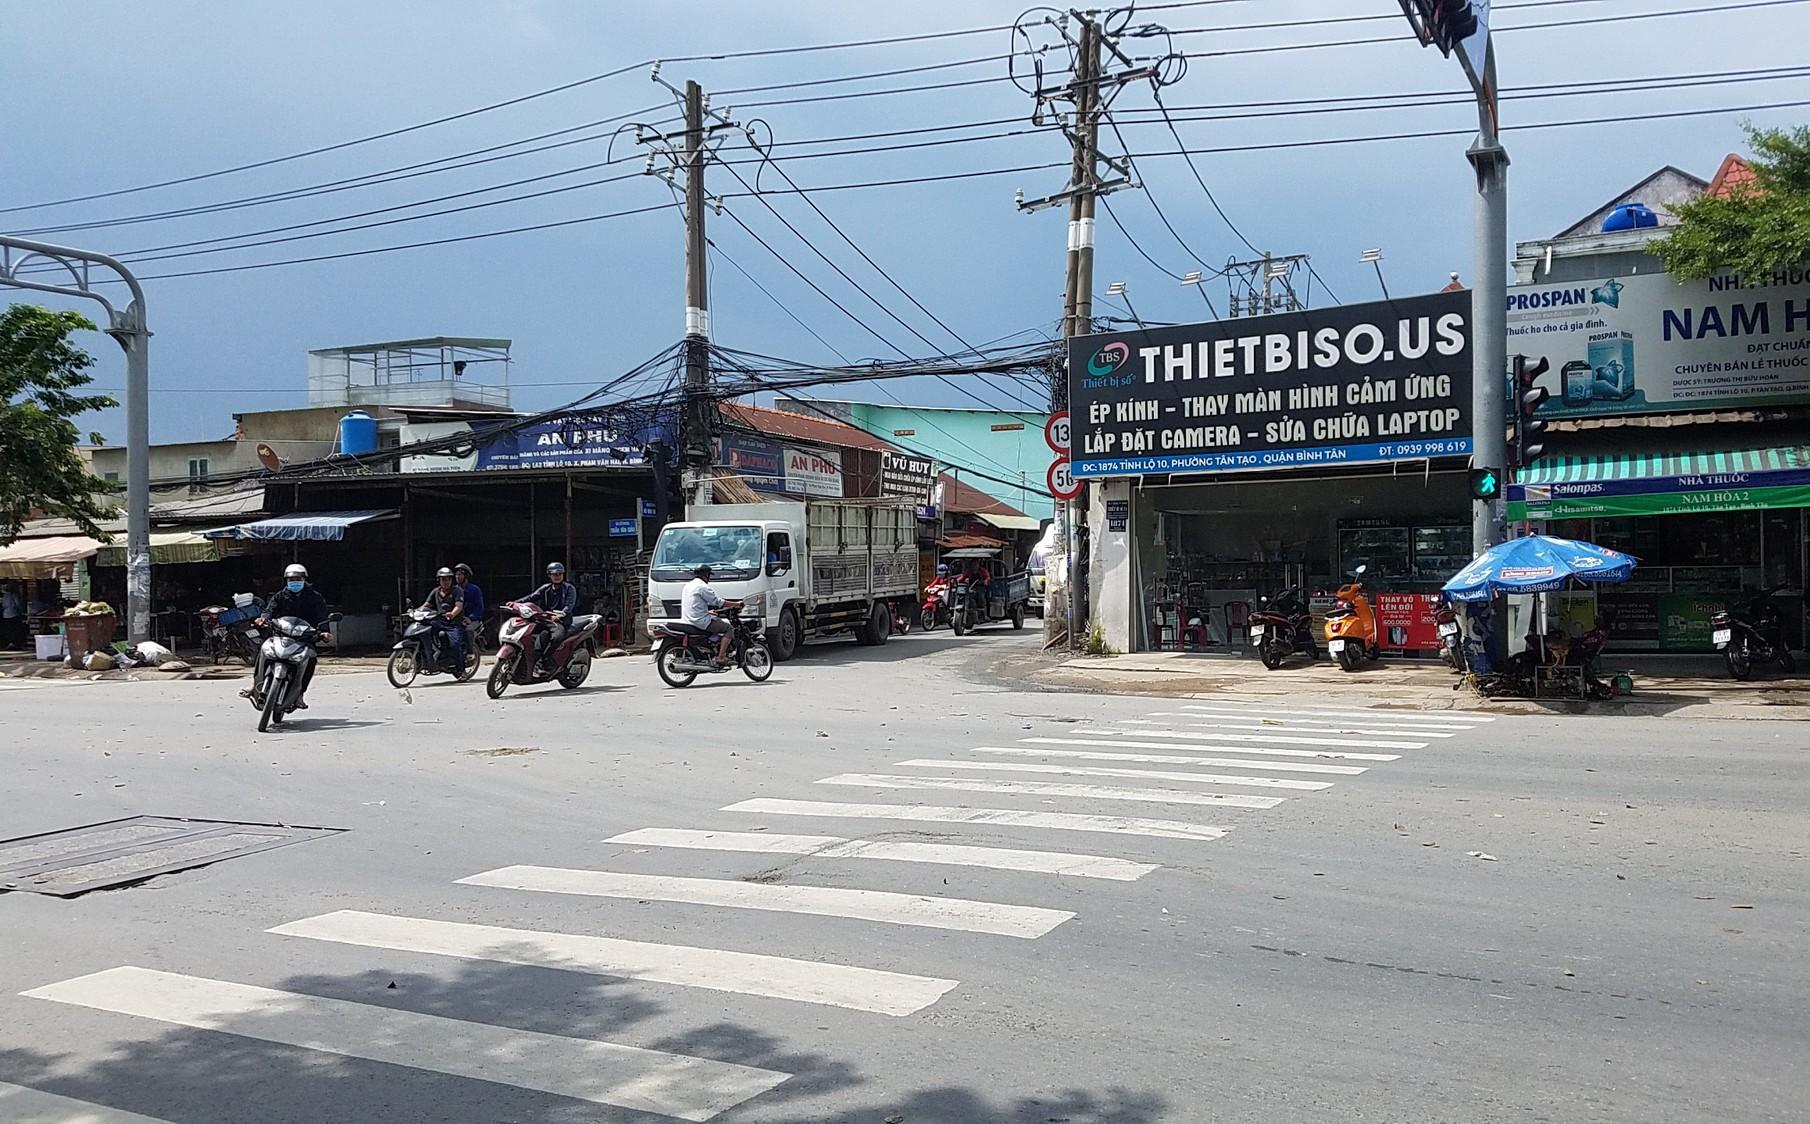 Tranh giành khách, 2 tài xế dùng dao chém nhau ở Sài Gòn